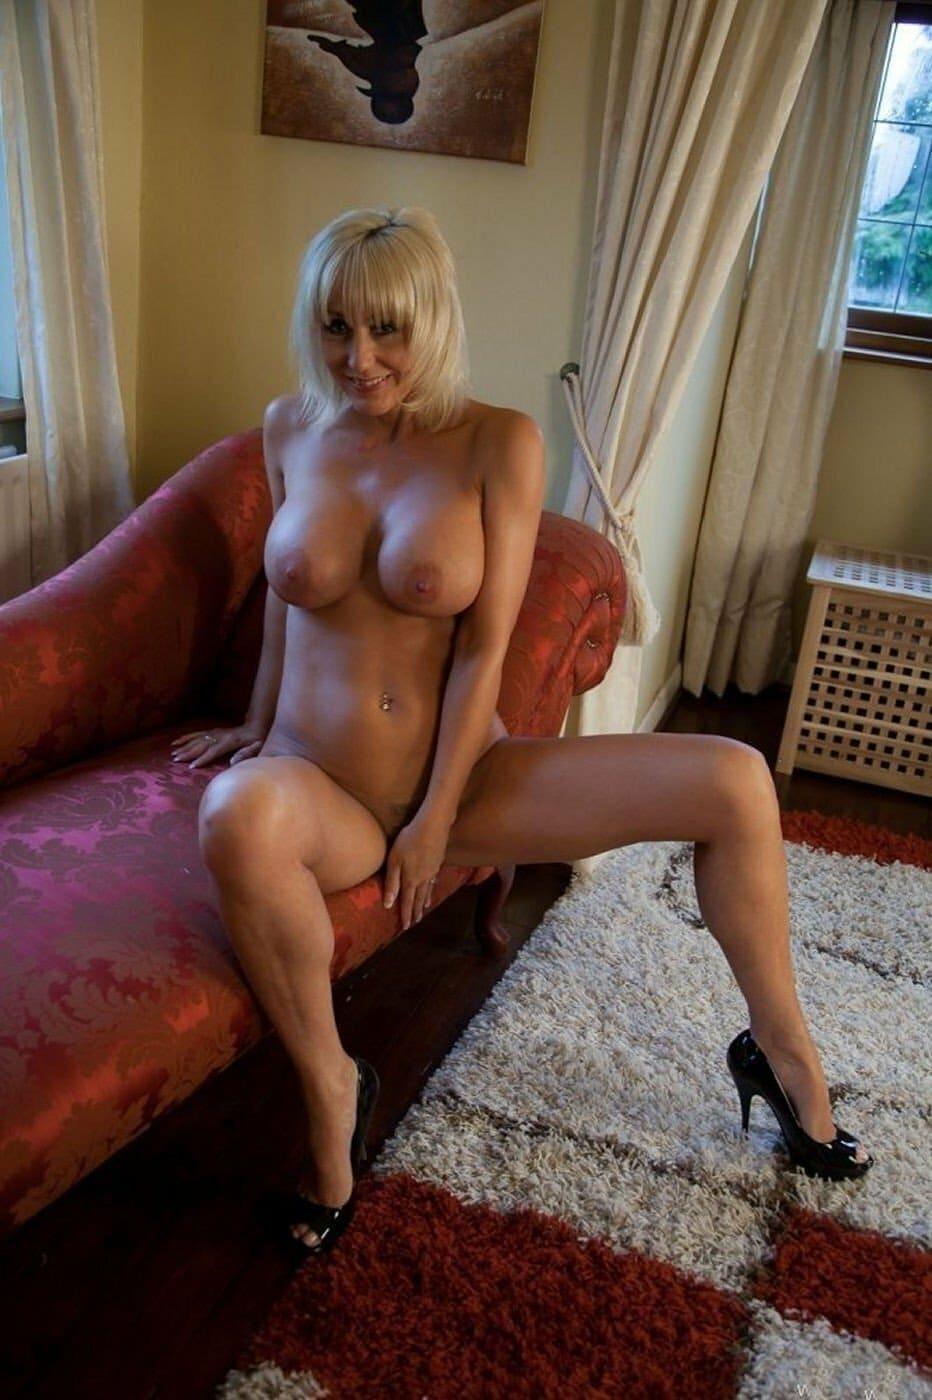 красивые мамки сексуальные фото голая блондинка с короткой стрижкой сидит на диване в туфлях на каблуках